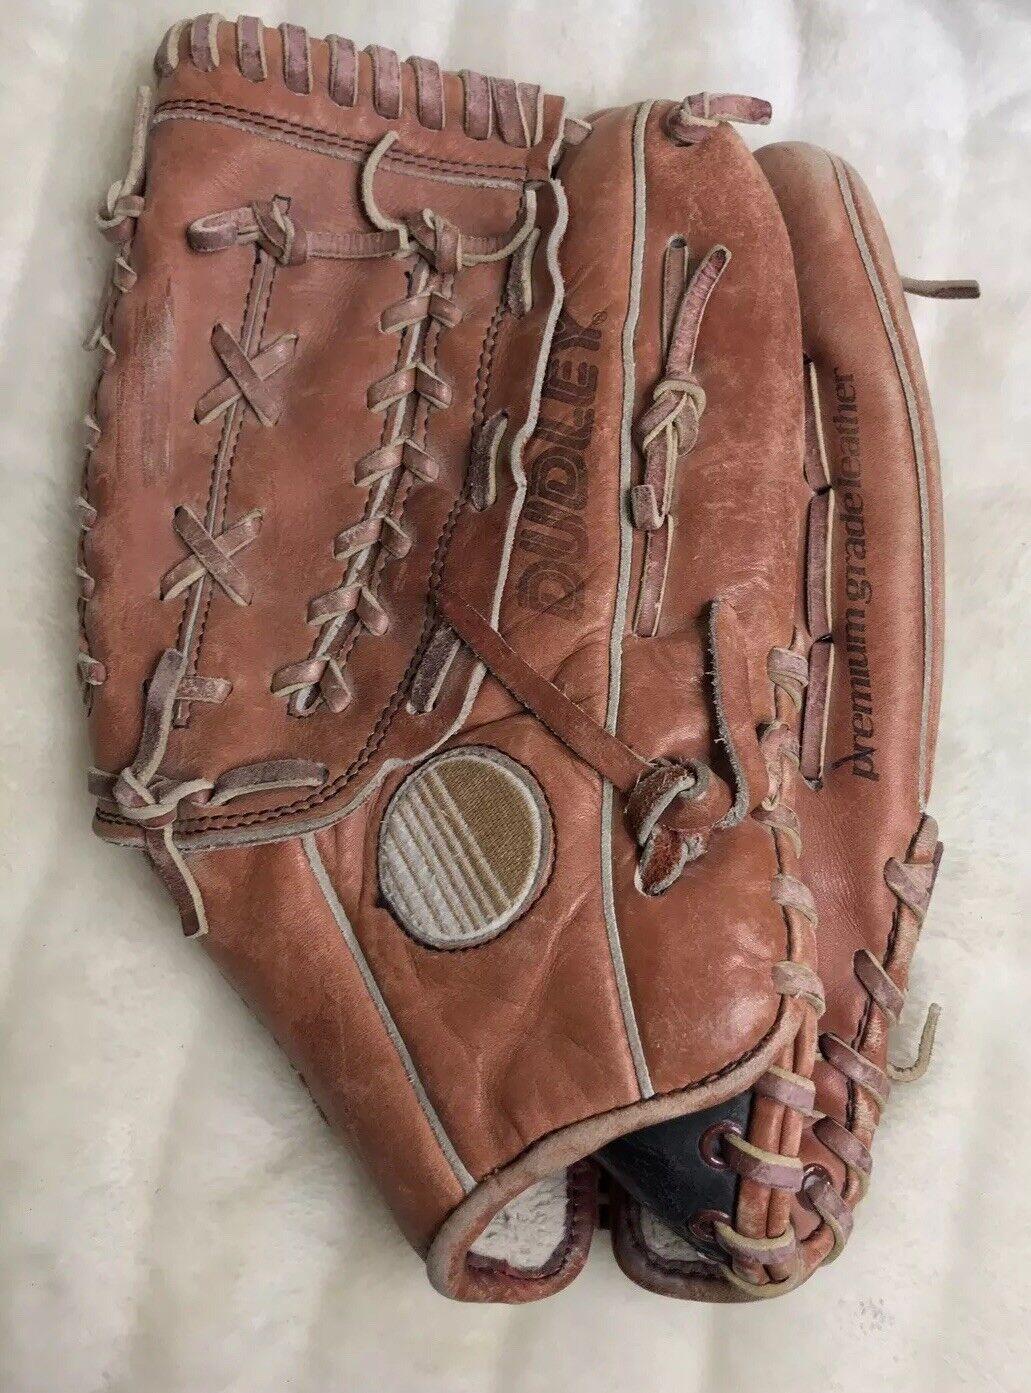 Dudley RHT DFG 400 Thunder Handcrafted Premium Pelle Baseball Glove